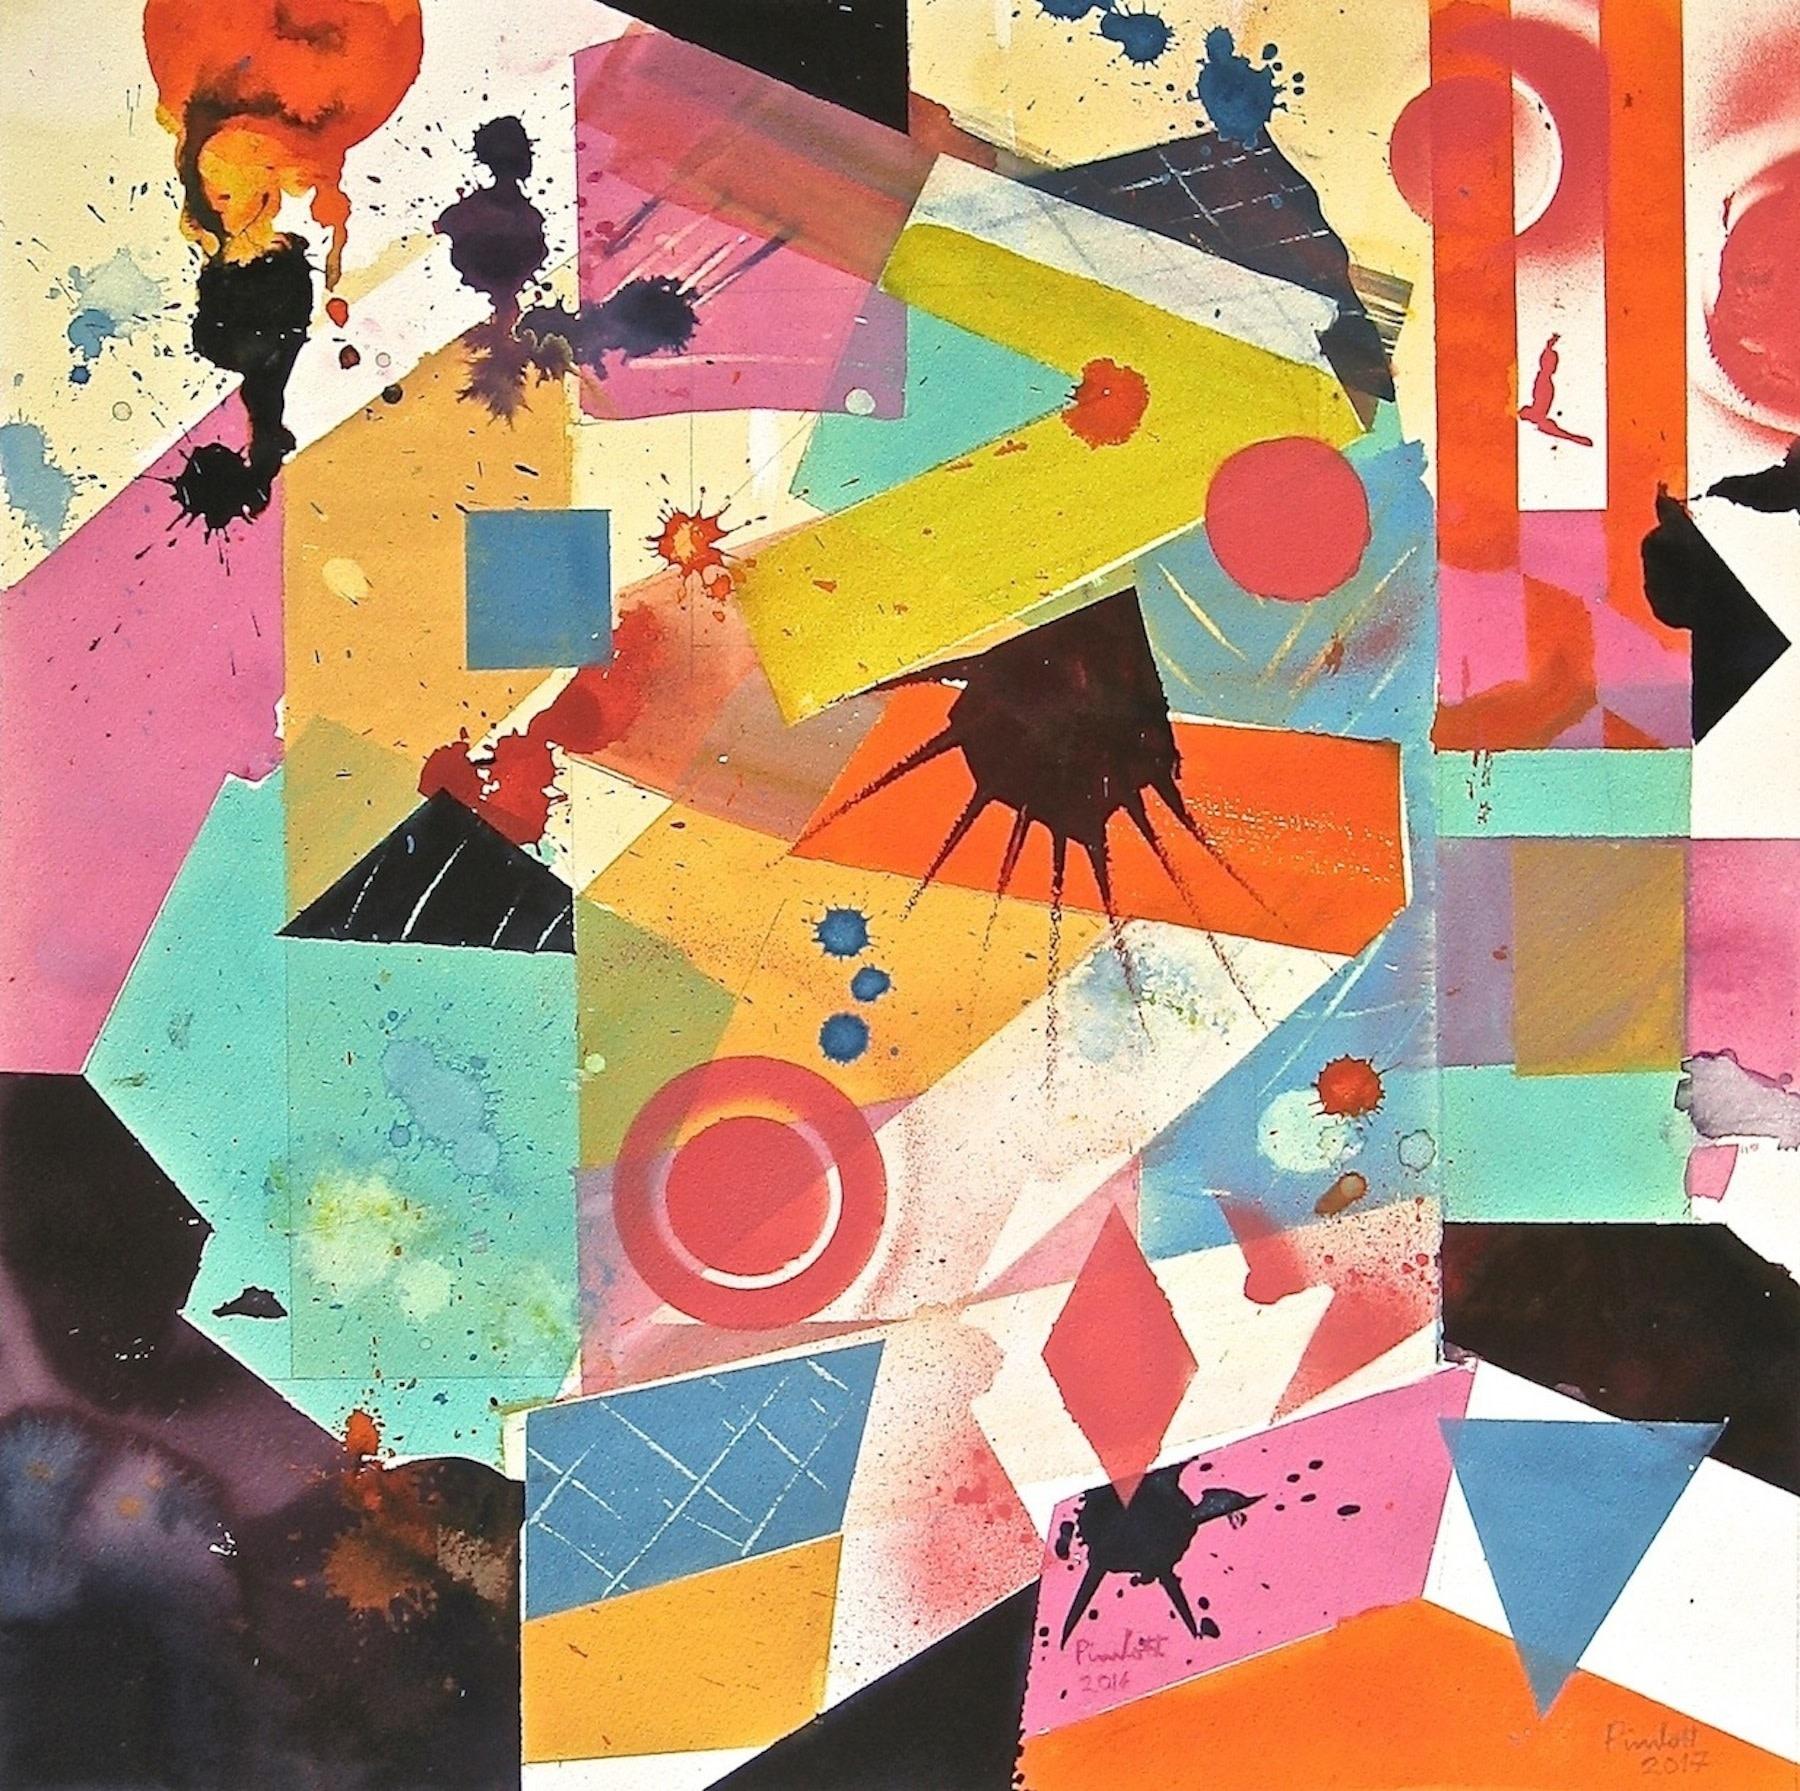 <span class=&#34;link fancybox-details-link&#34;><a href=&#34;/exhibitions/24/works/artworks_standalone10774/&#34;>View Detail Page</a></span><div class=&#34;artist&#34;><span class=&#34;artist&#34;><strong>Geoffrey Pimlott</strong></span></div><div class=&#34;title&#34;><em>The Coconut Candy Club</em></div><div class=&#34;medium&#34;>watercolour, gouache & acrylic</div><div class=&#34;dimensions&#34;>66x66cm</div>